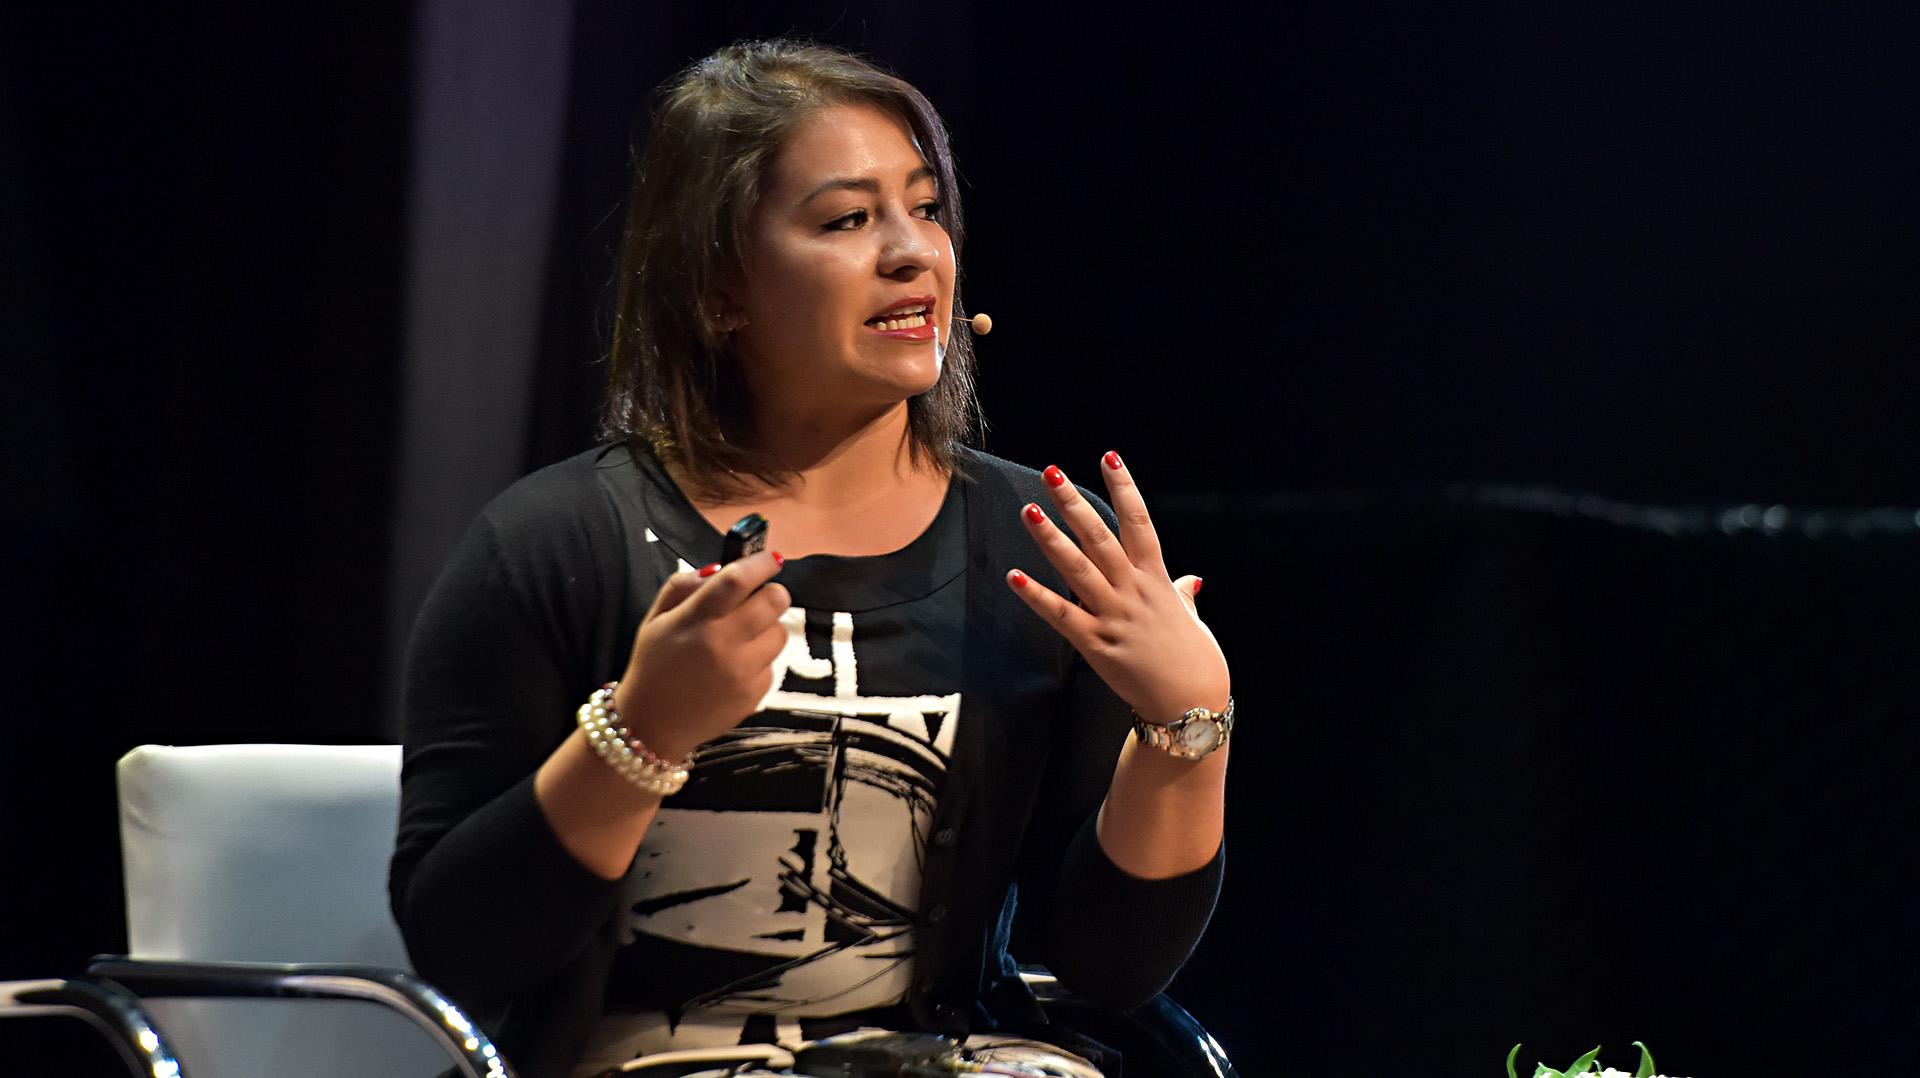 Nadia Sénchez de la fundación 'She Is', que trabaja con mujeres víctimas de Conflictos armados en Colombia